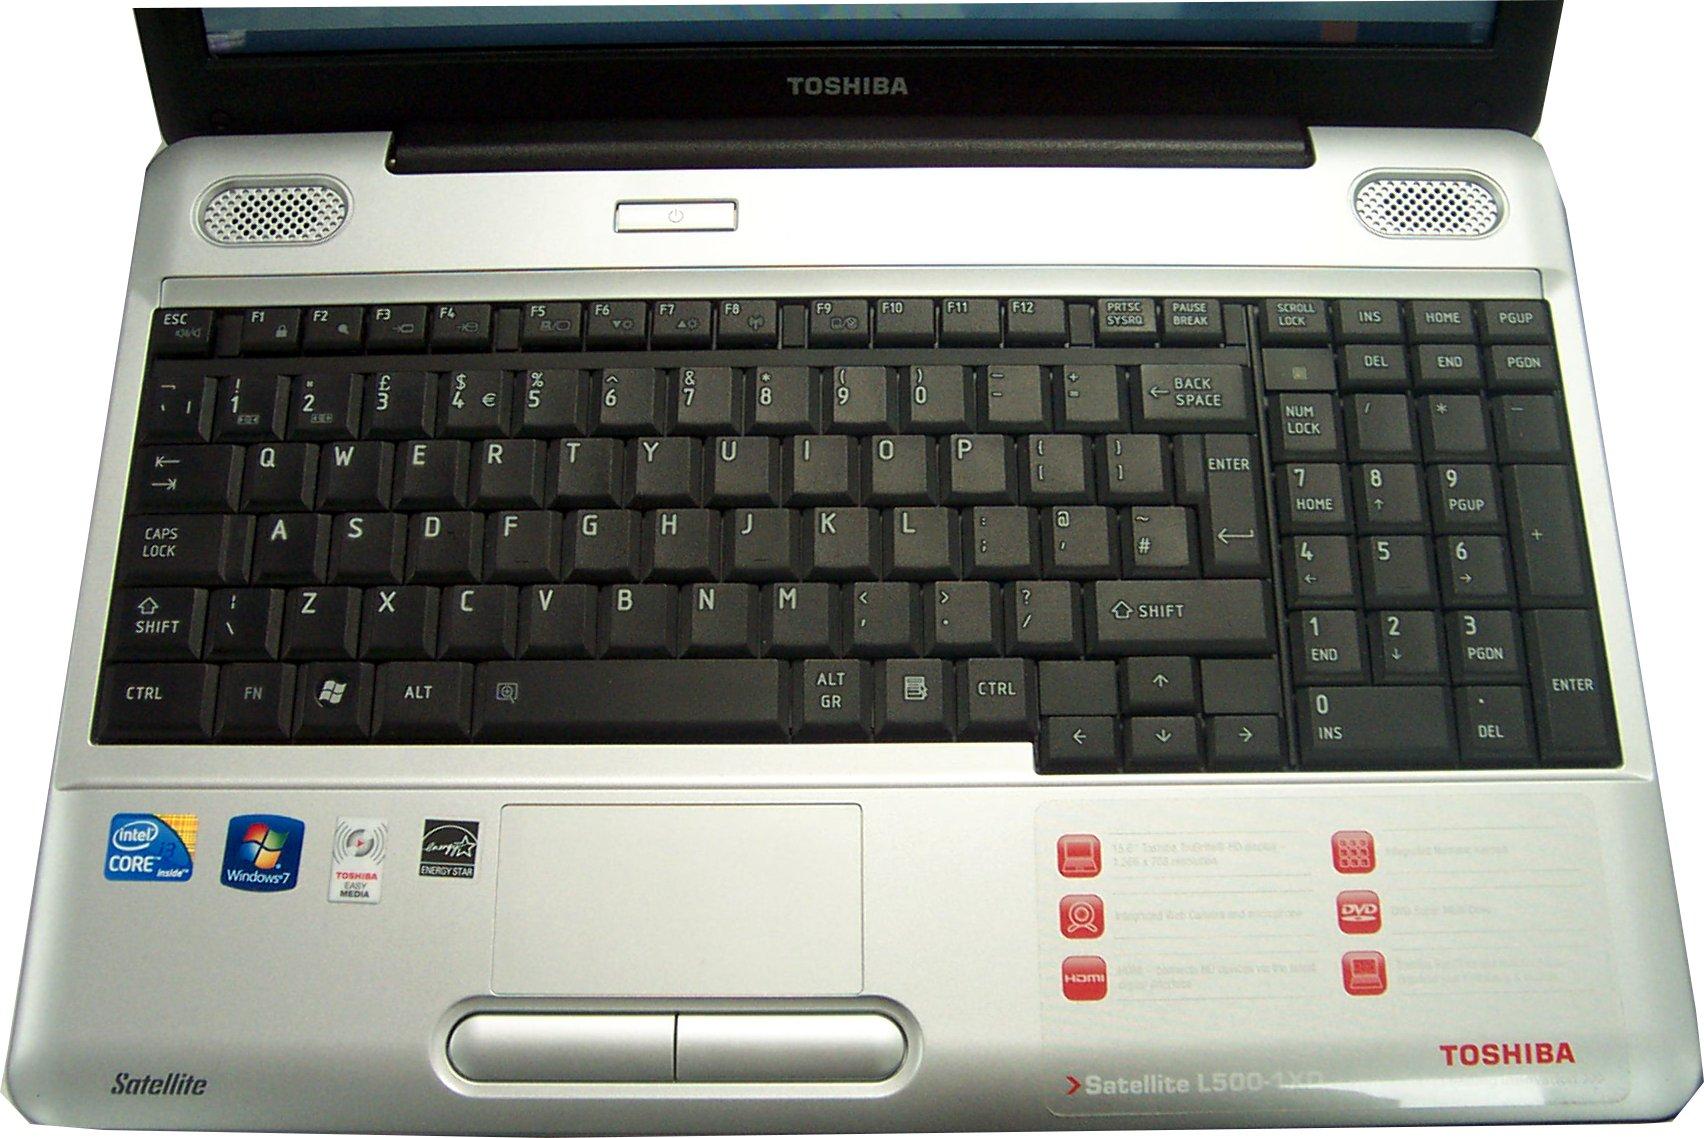 Ноутбук toshiba satellite l500-1z1 — купить, цена и характеристики.